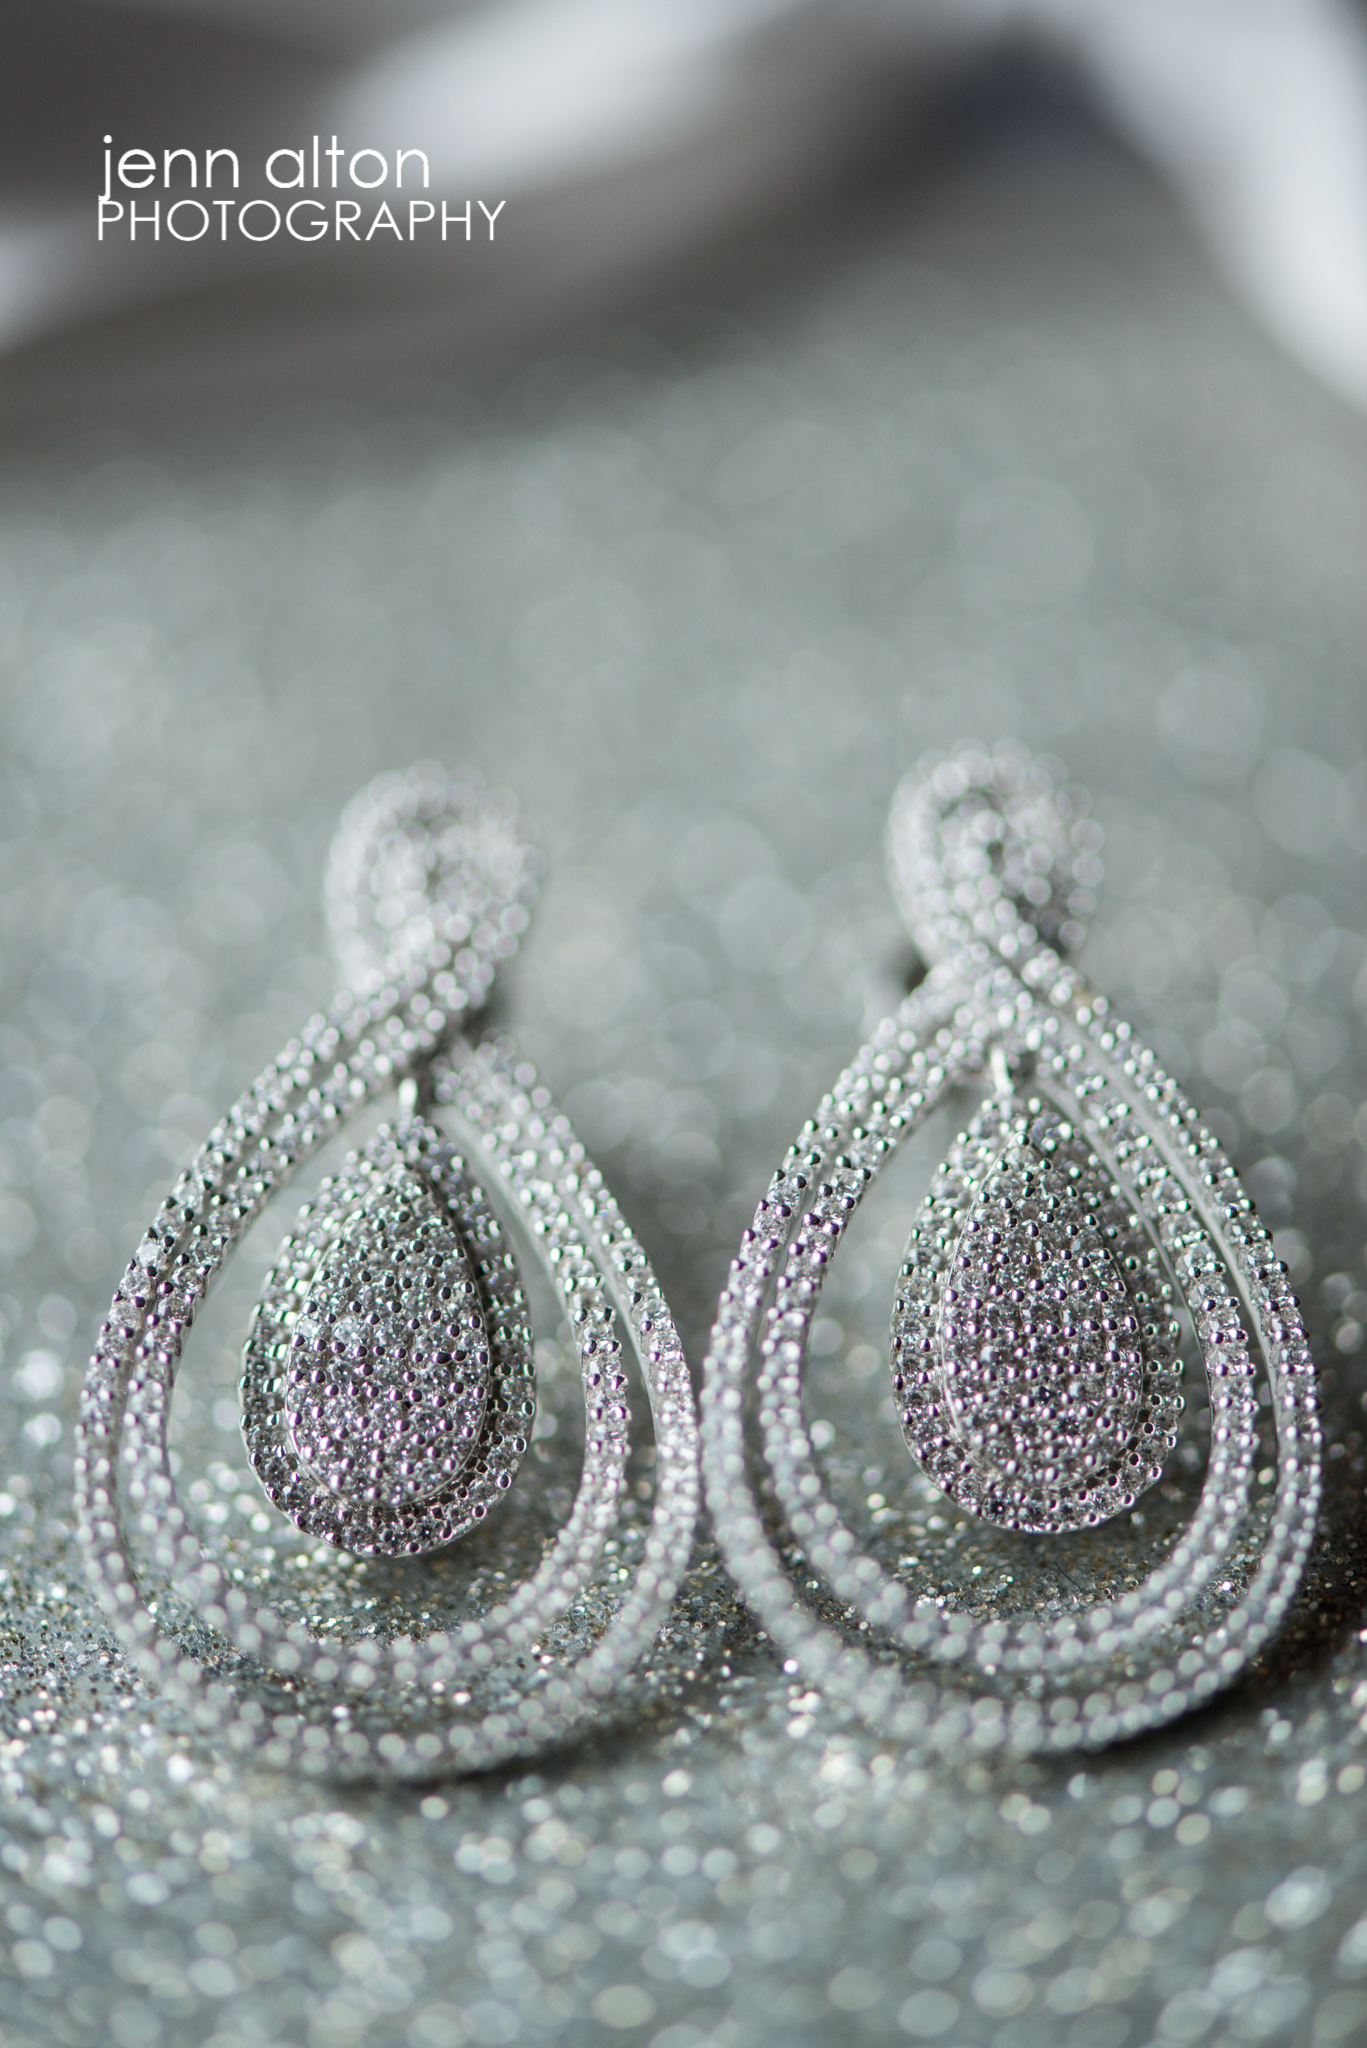 Bride's earrings detail